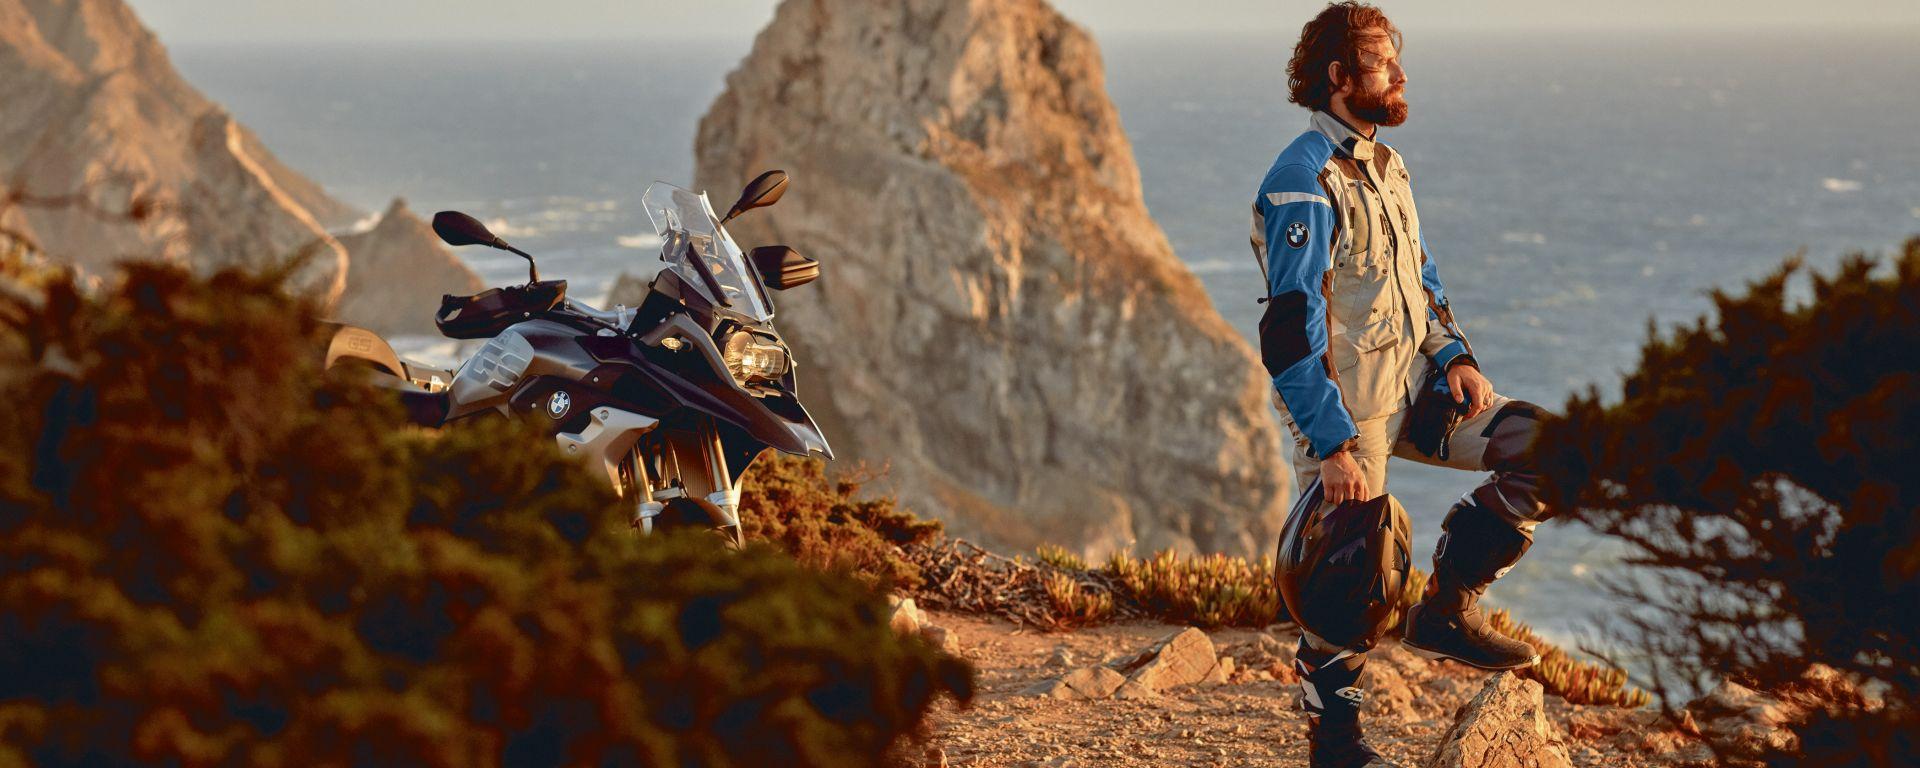 Finanziare l'abbigliamento moto? Da oggi si può con BMW Fit2Ride